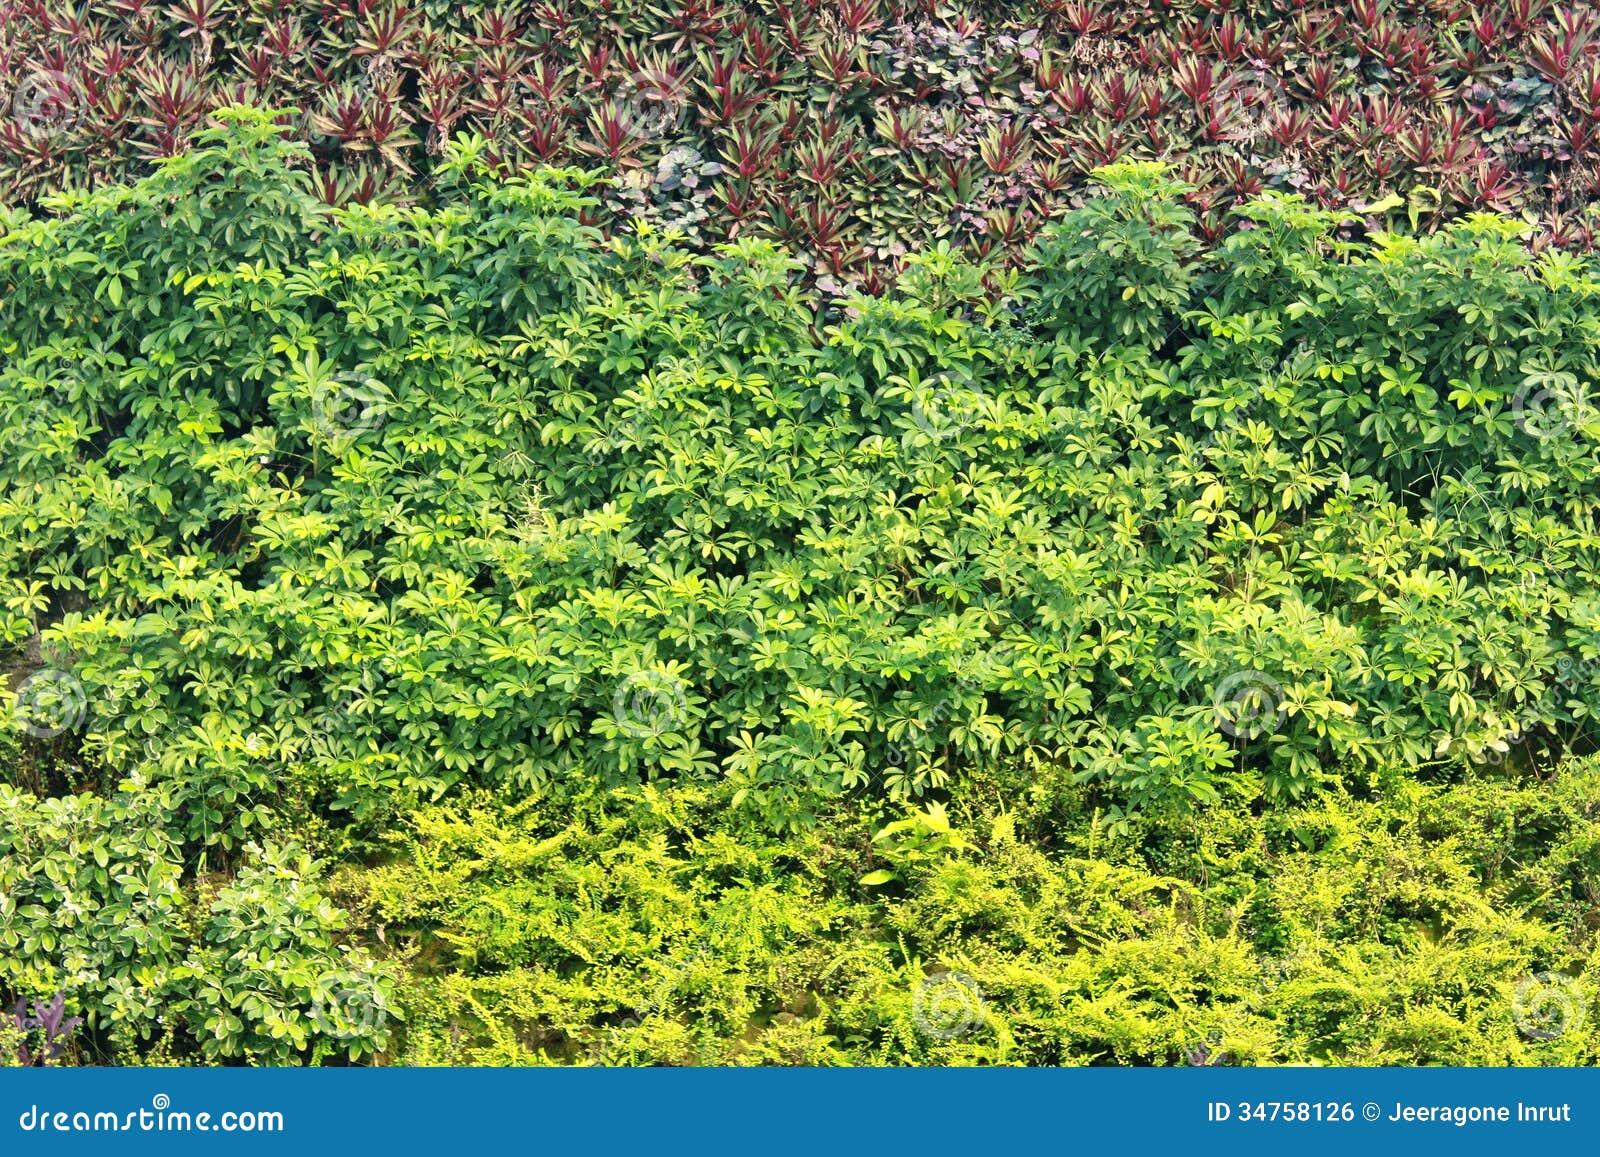 Giardino verticale immagine stock libera da diritti - Giardino verticale madrid ...